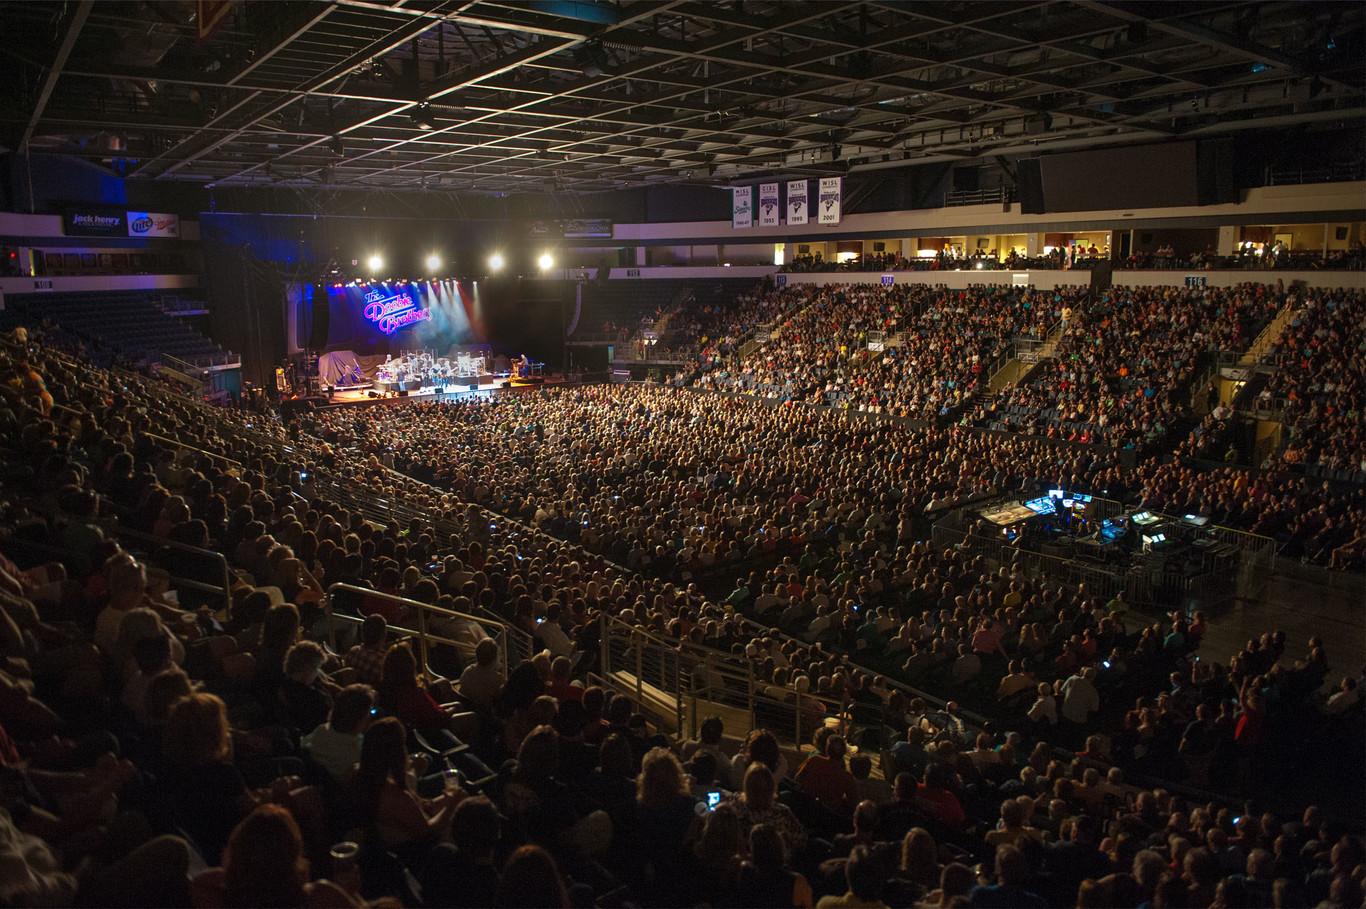 El primer partido de Overwatch League en un estadio fuera de Los Ángeles es un triunfo absoluto y vende 4500 entradas